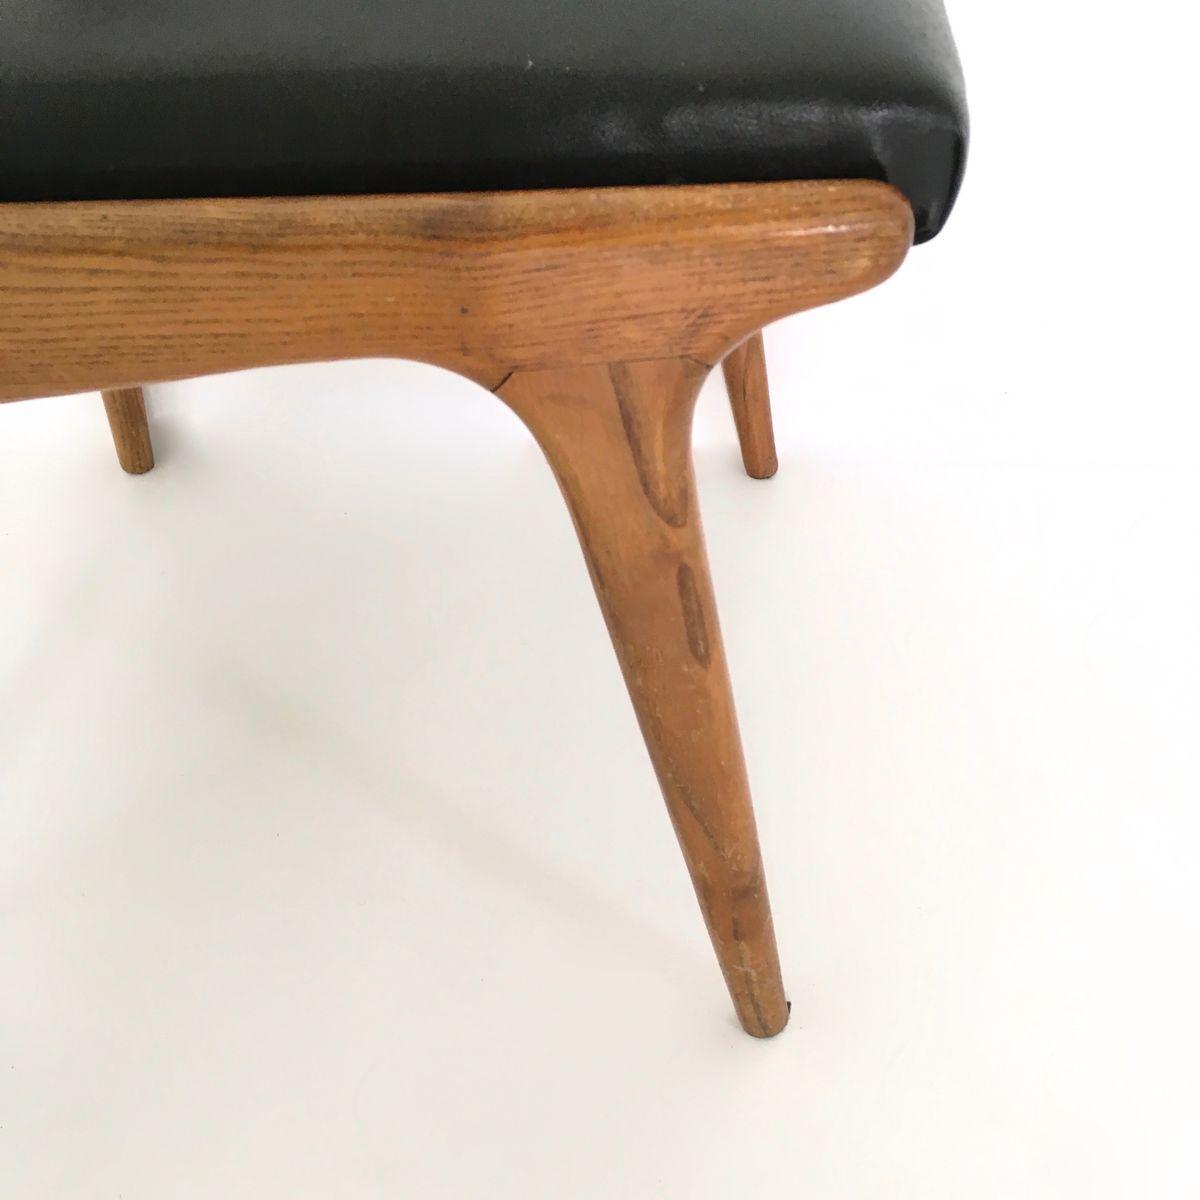 sedie vintage anni 60: sedie da cocktail vintage anni 60 set di 2 ... - Sedie Vintage Anni 60